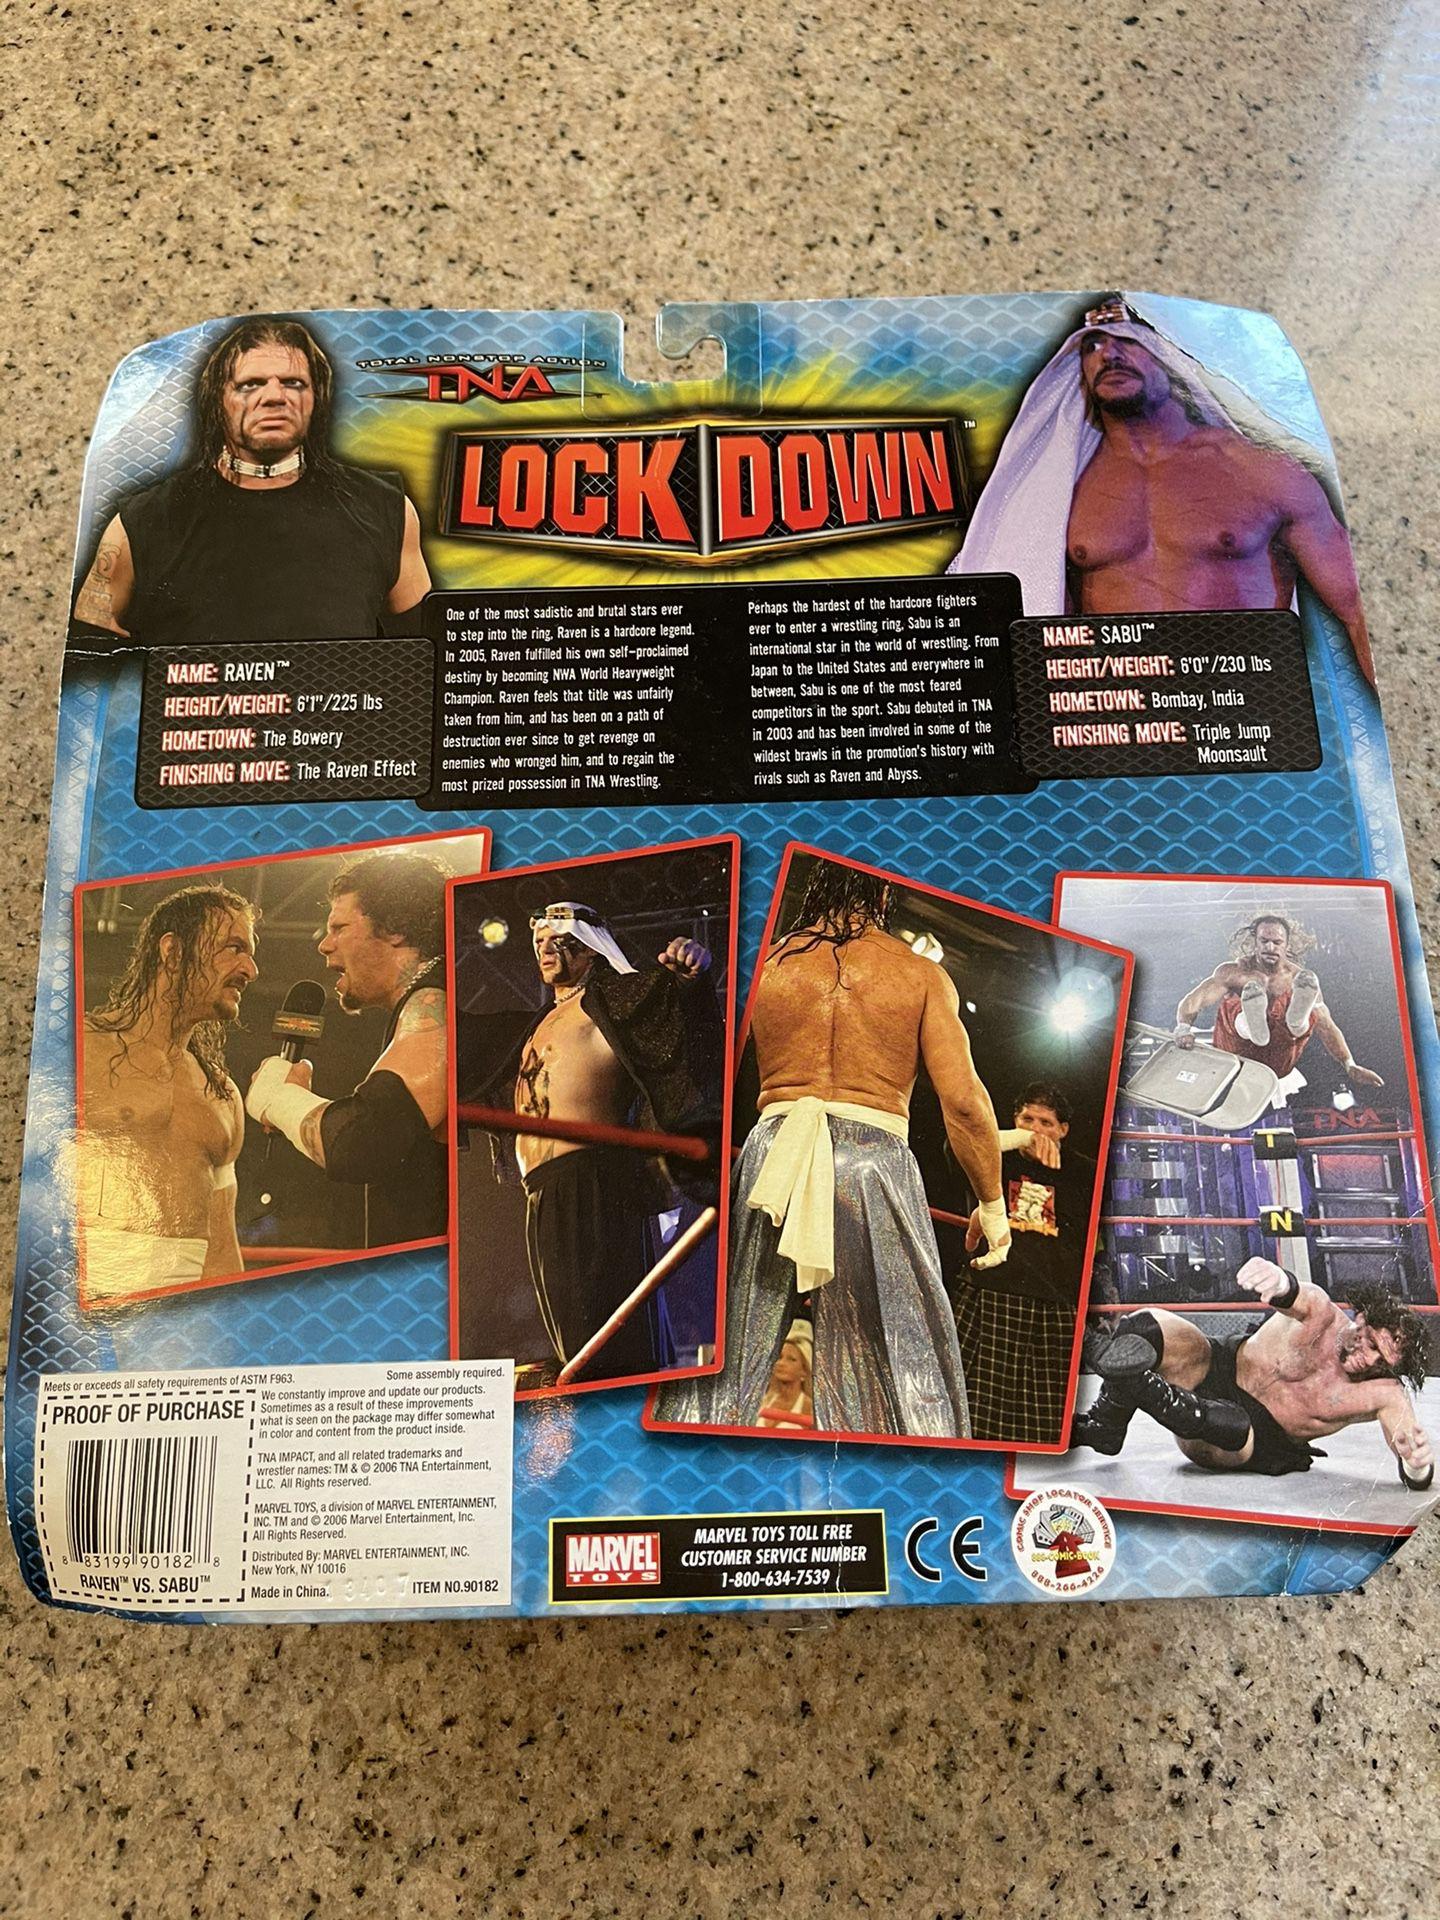 WWE TNA RAVEN vs. SABU WRESTLING FIGURES